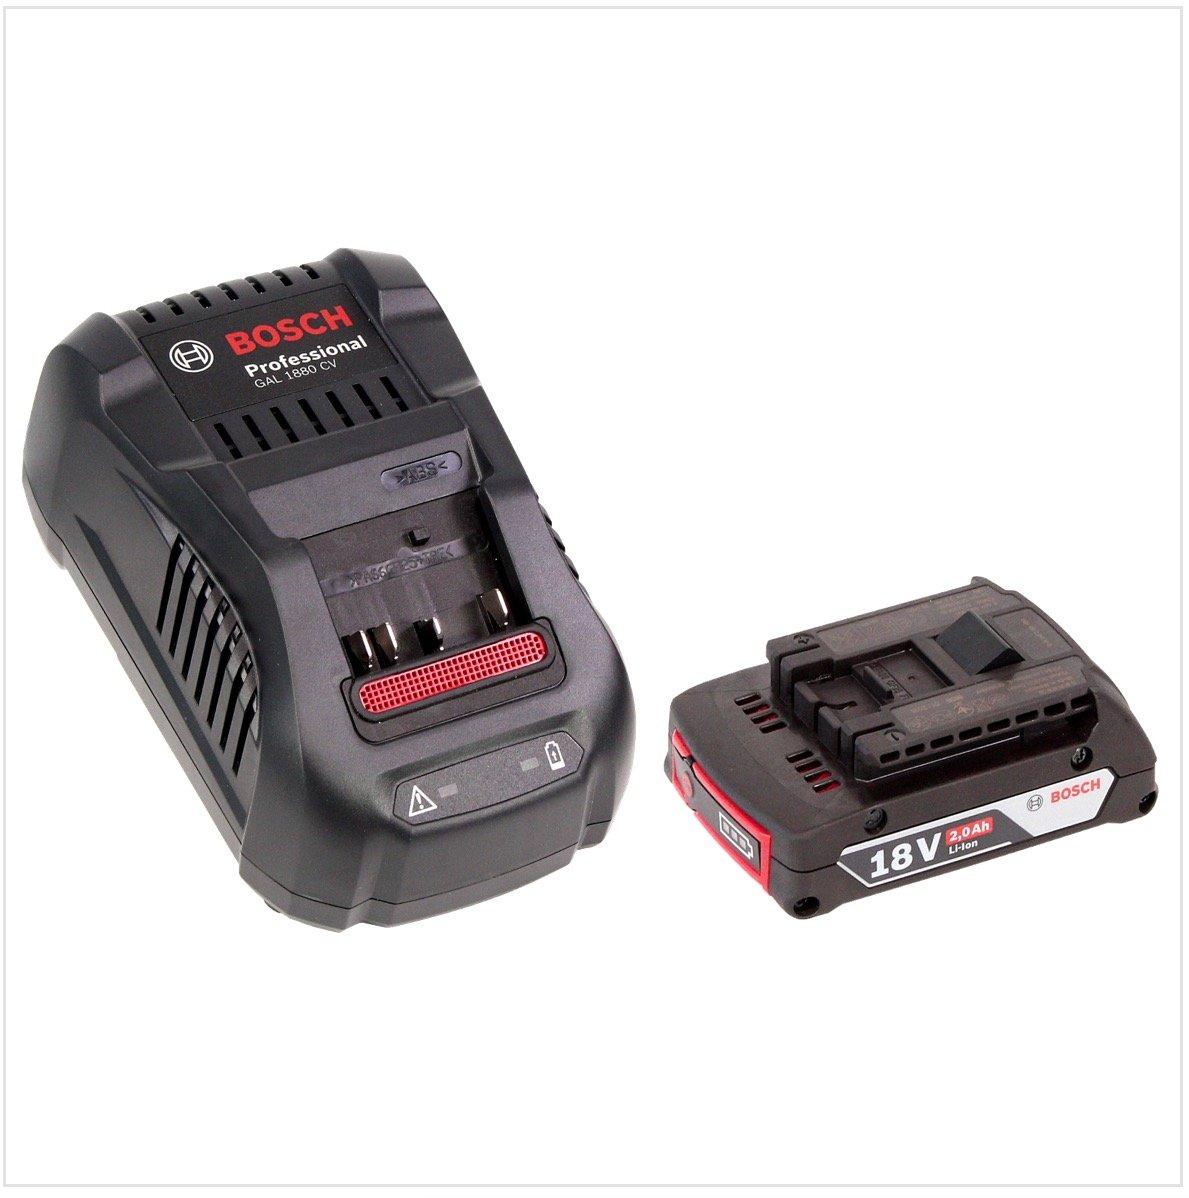 Bosch GBL 18 V de 120 batería Ventilador soplador de hojas ...